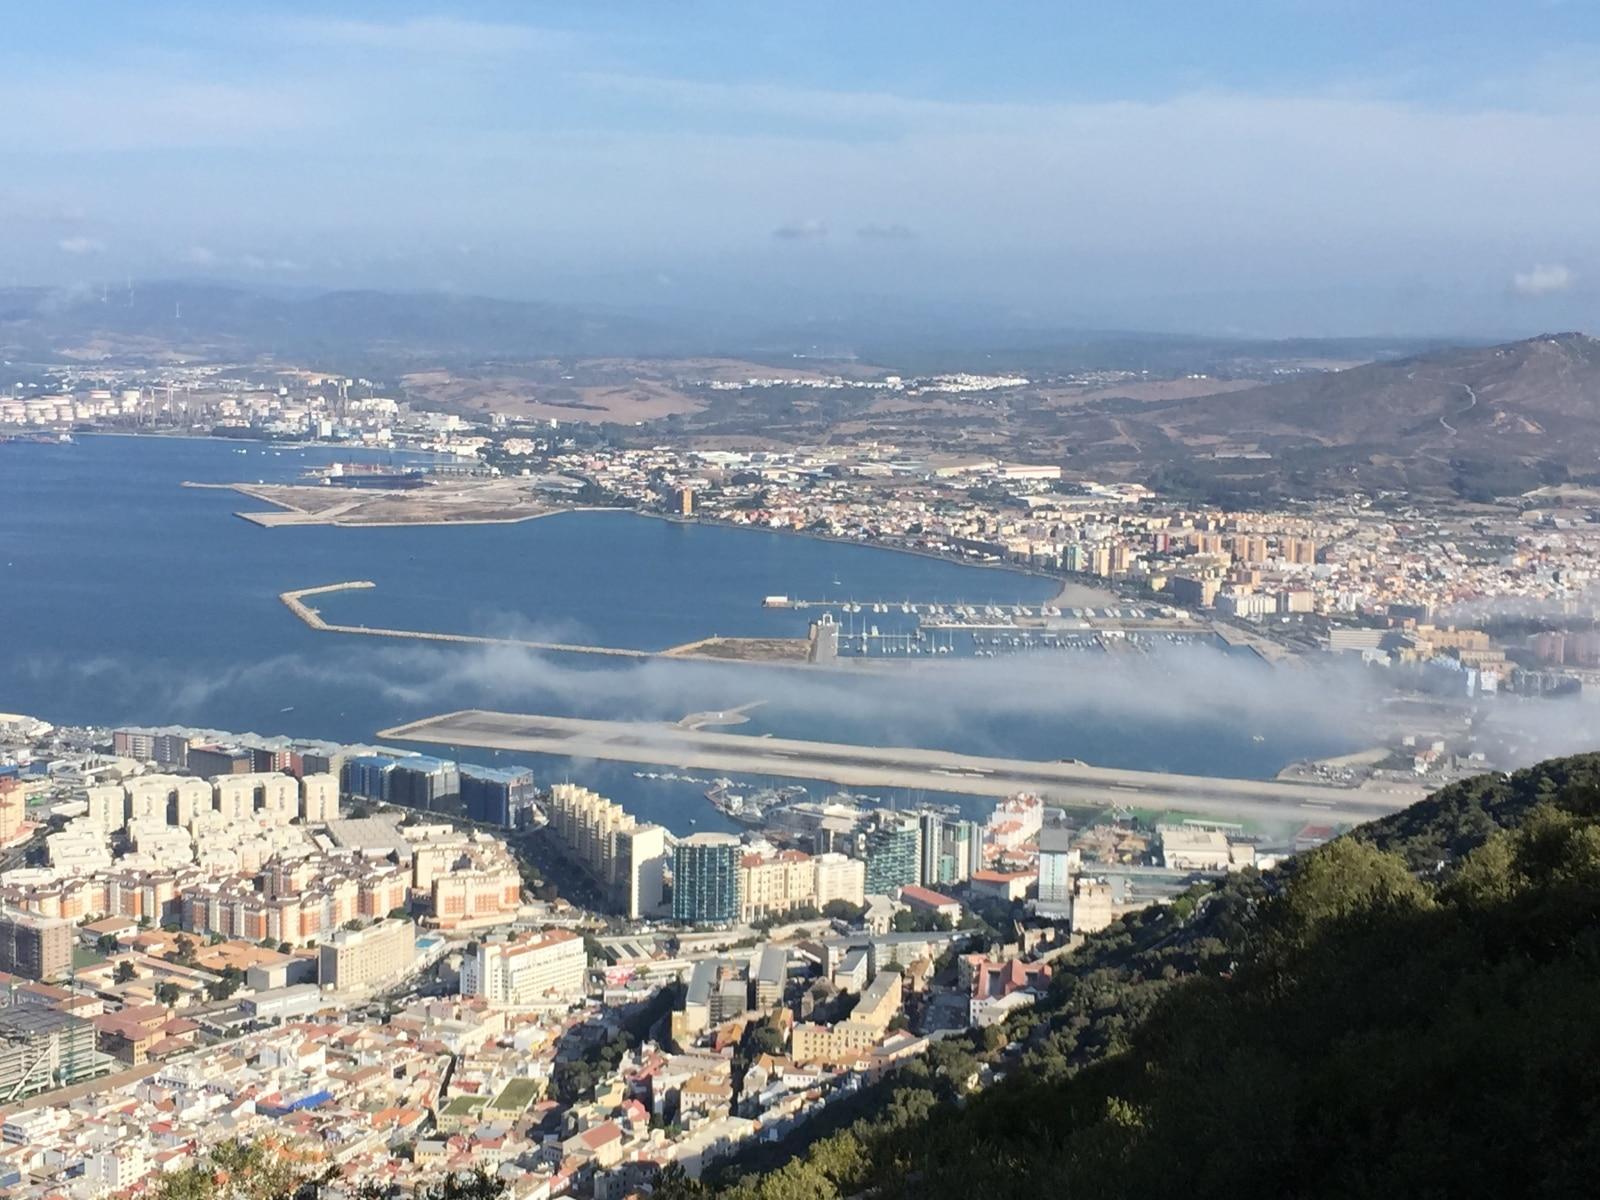 la-nube-de-levante-se-desliza-por-la-pista-del-aeropuerto-de-gibraltar_22118435473_o